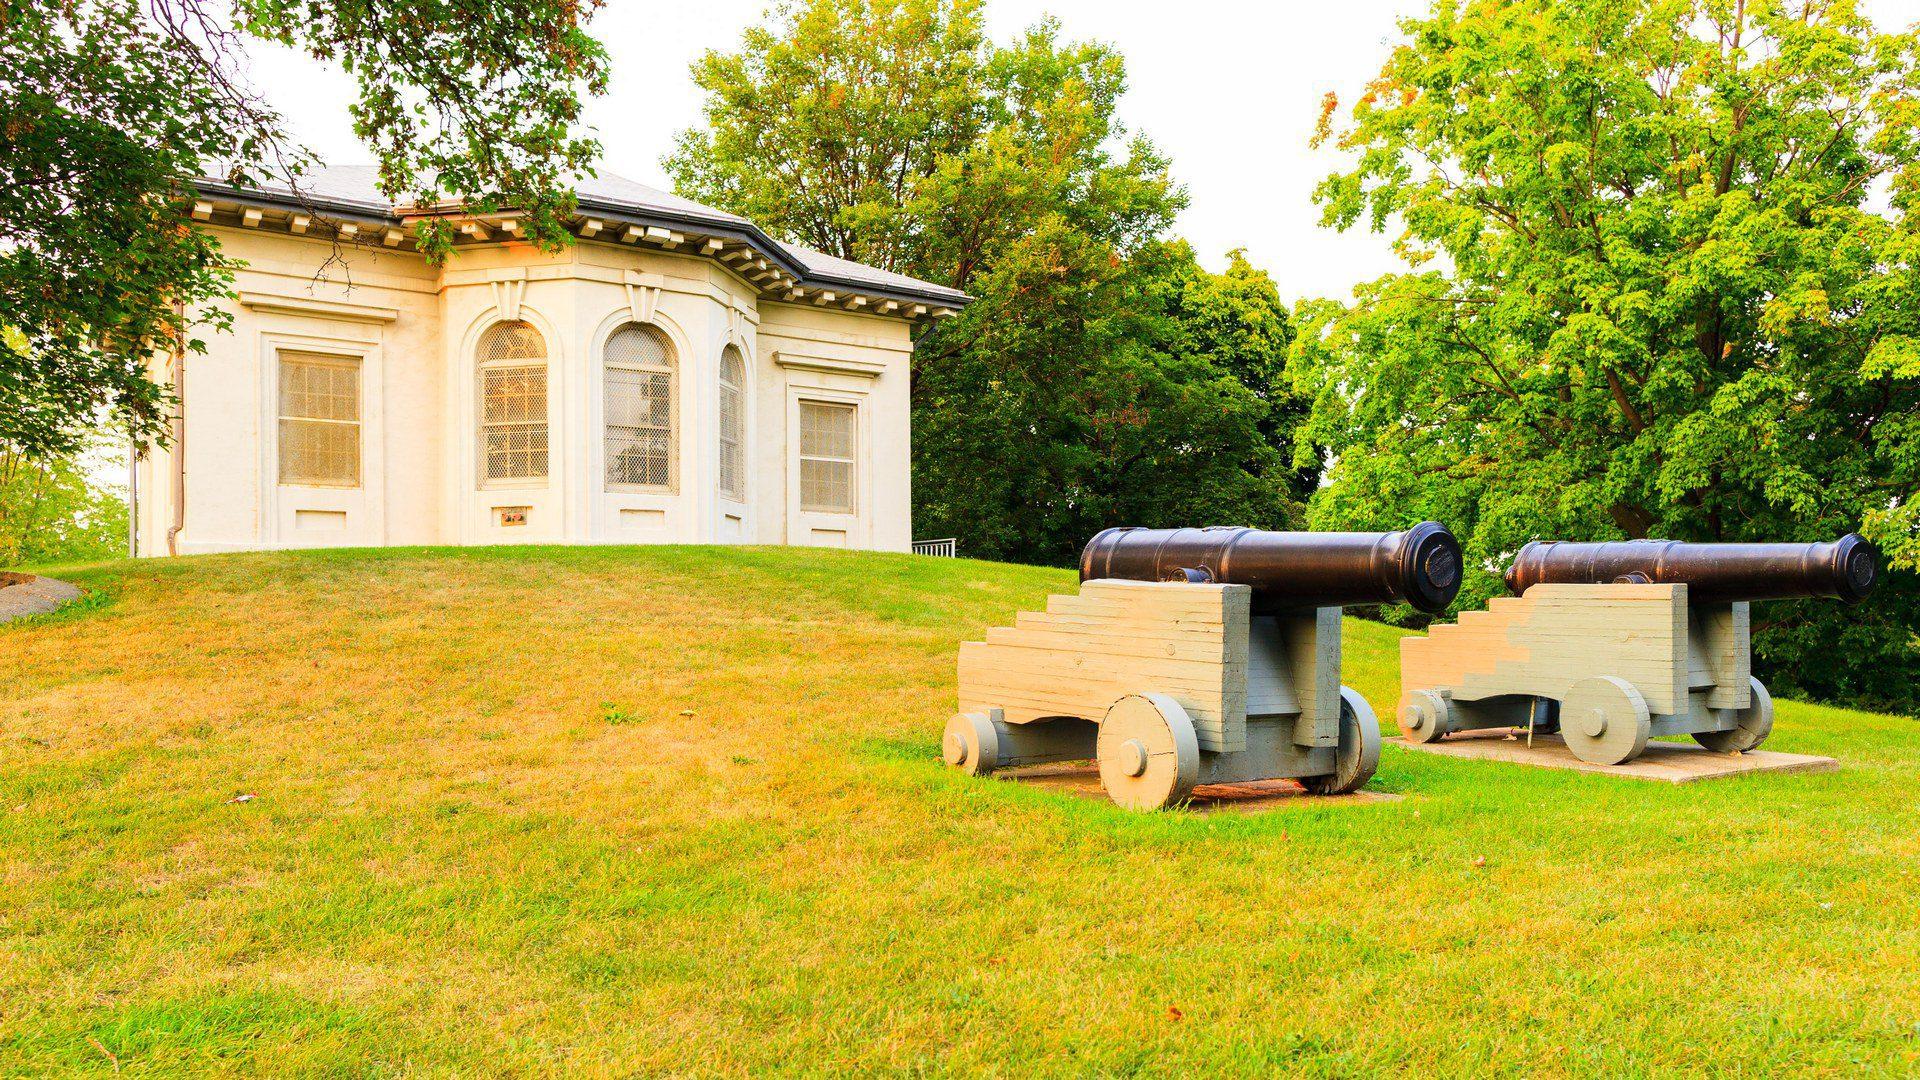 Dundurn Military Museum